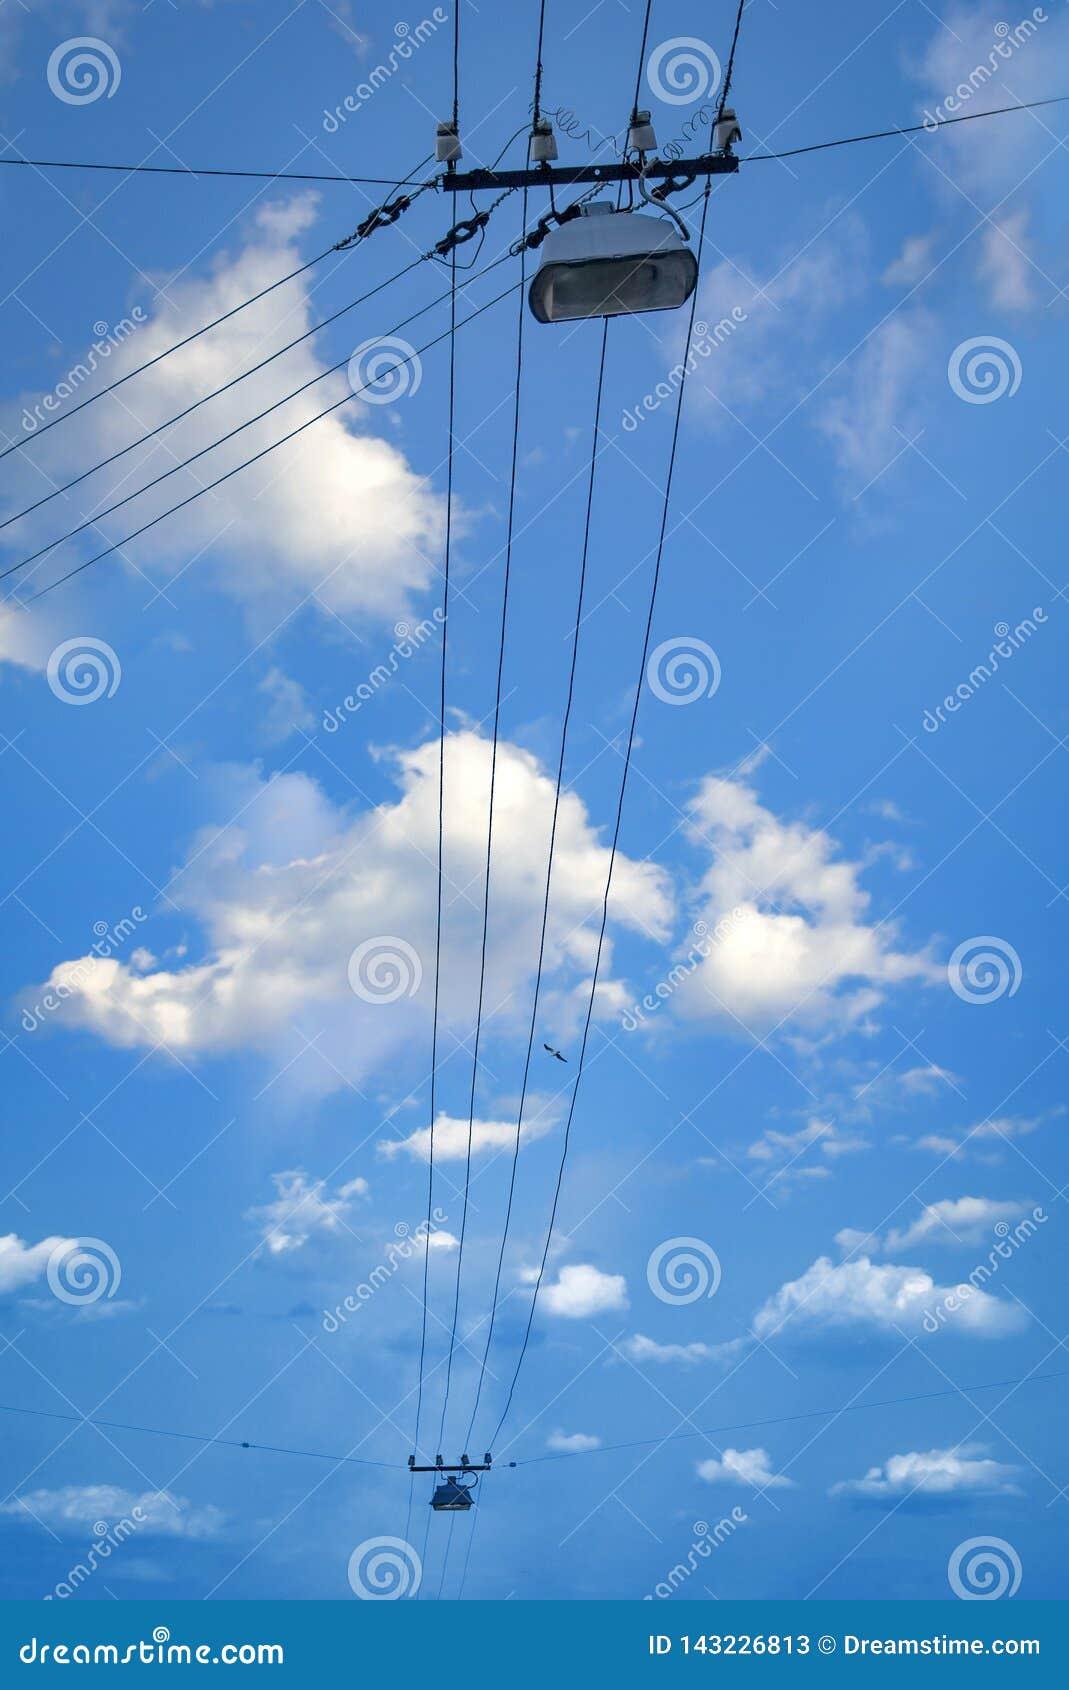 Ηλεκτρικά καλώδια με τους φωτεινούς σηματοδότες στο υπόβαθρο μπλε ουρανού